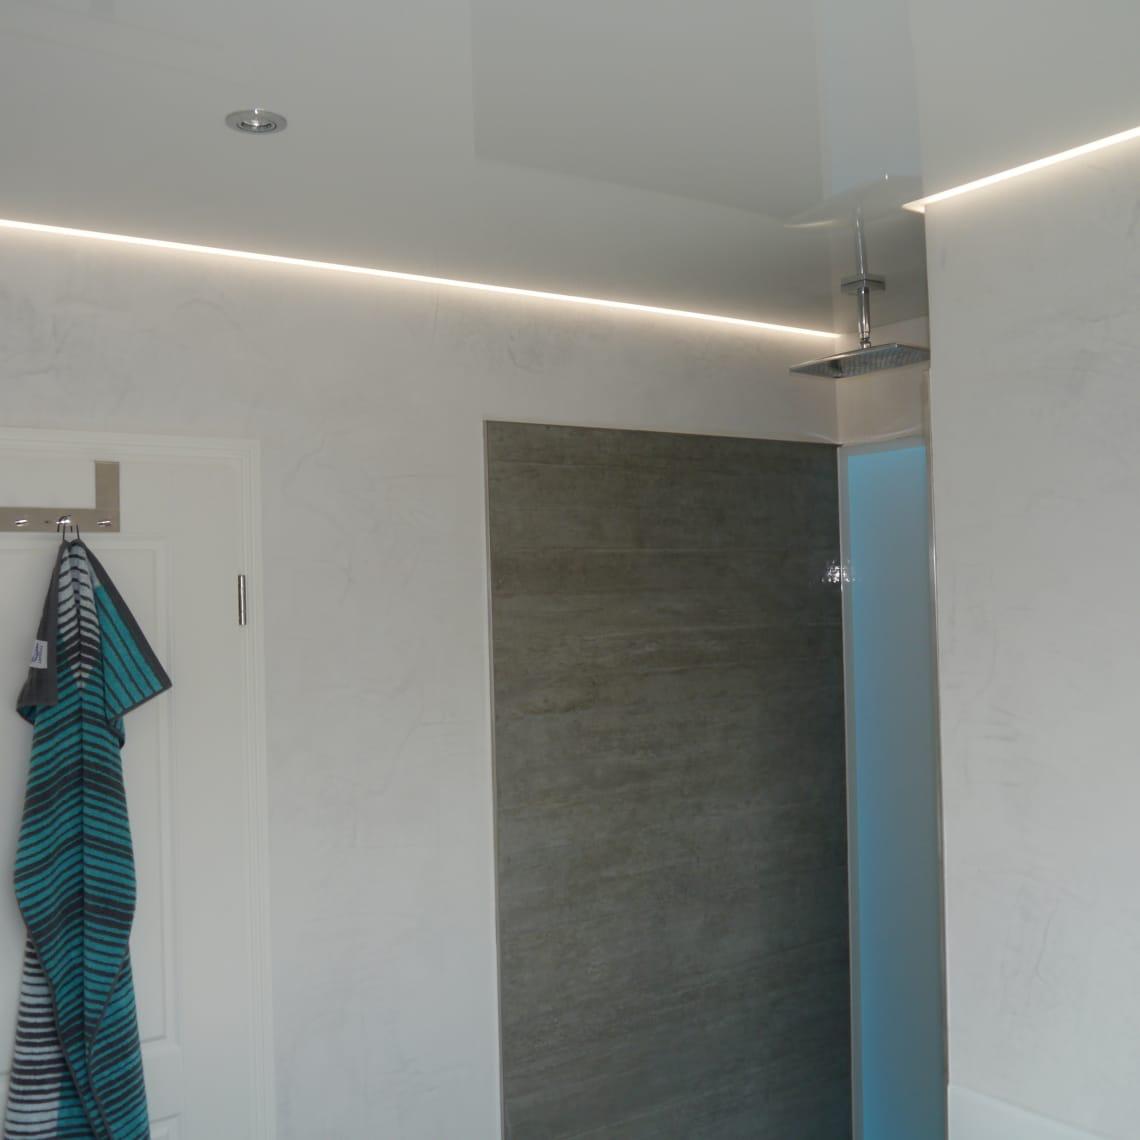 Spanndecke mit LED am Rand